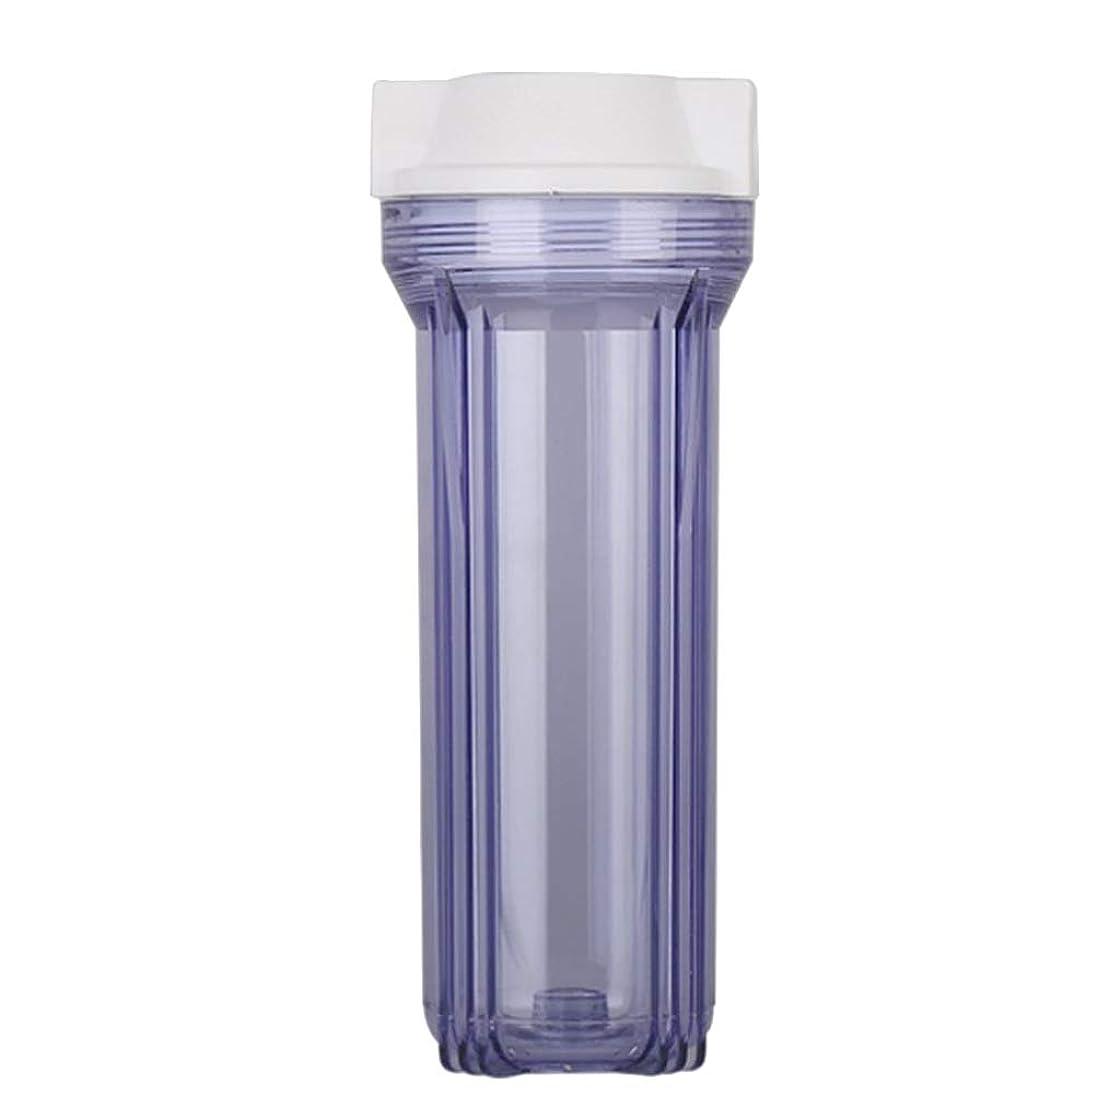 望み硬い抑制する爆発防止 浄水器フィルターボトル フィルターカップ 凍結防止 全2種 - B